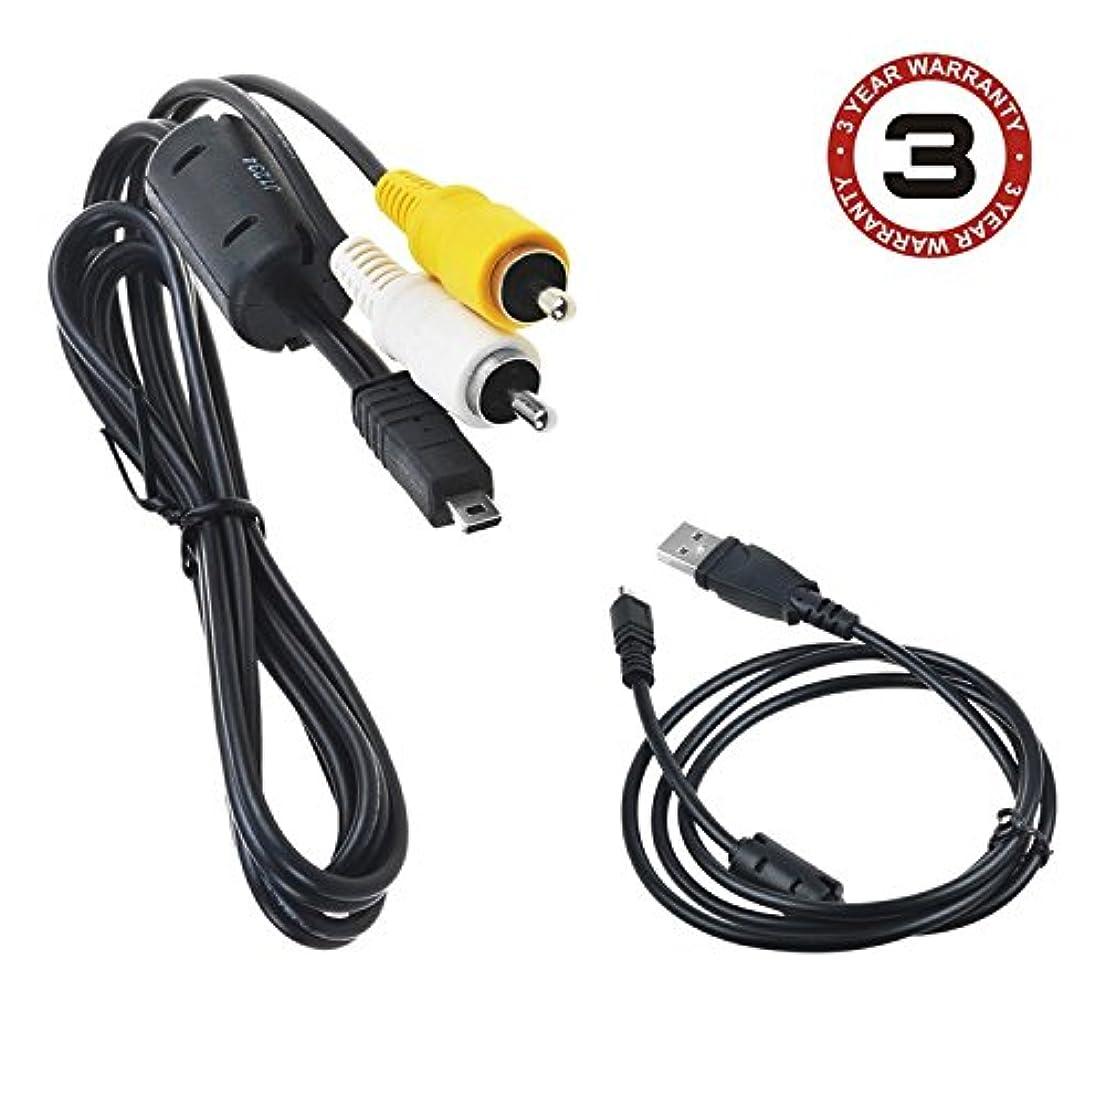 波音声学ラブSLLEA USBデータ+ AV A/V TVビデオケーブルコードfor Fujifilm FinePixカメラs2550?s2000?HD